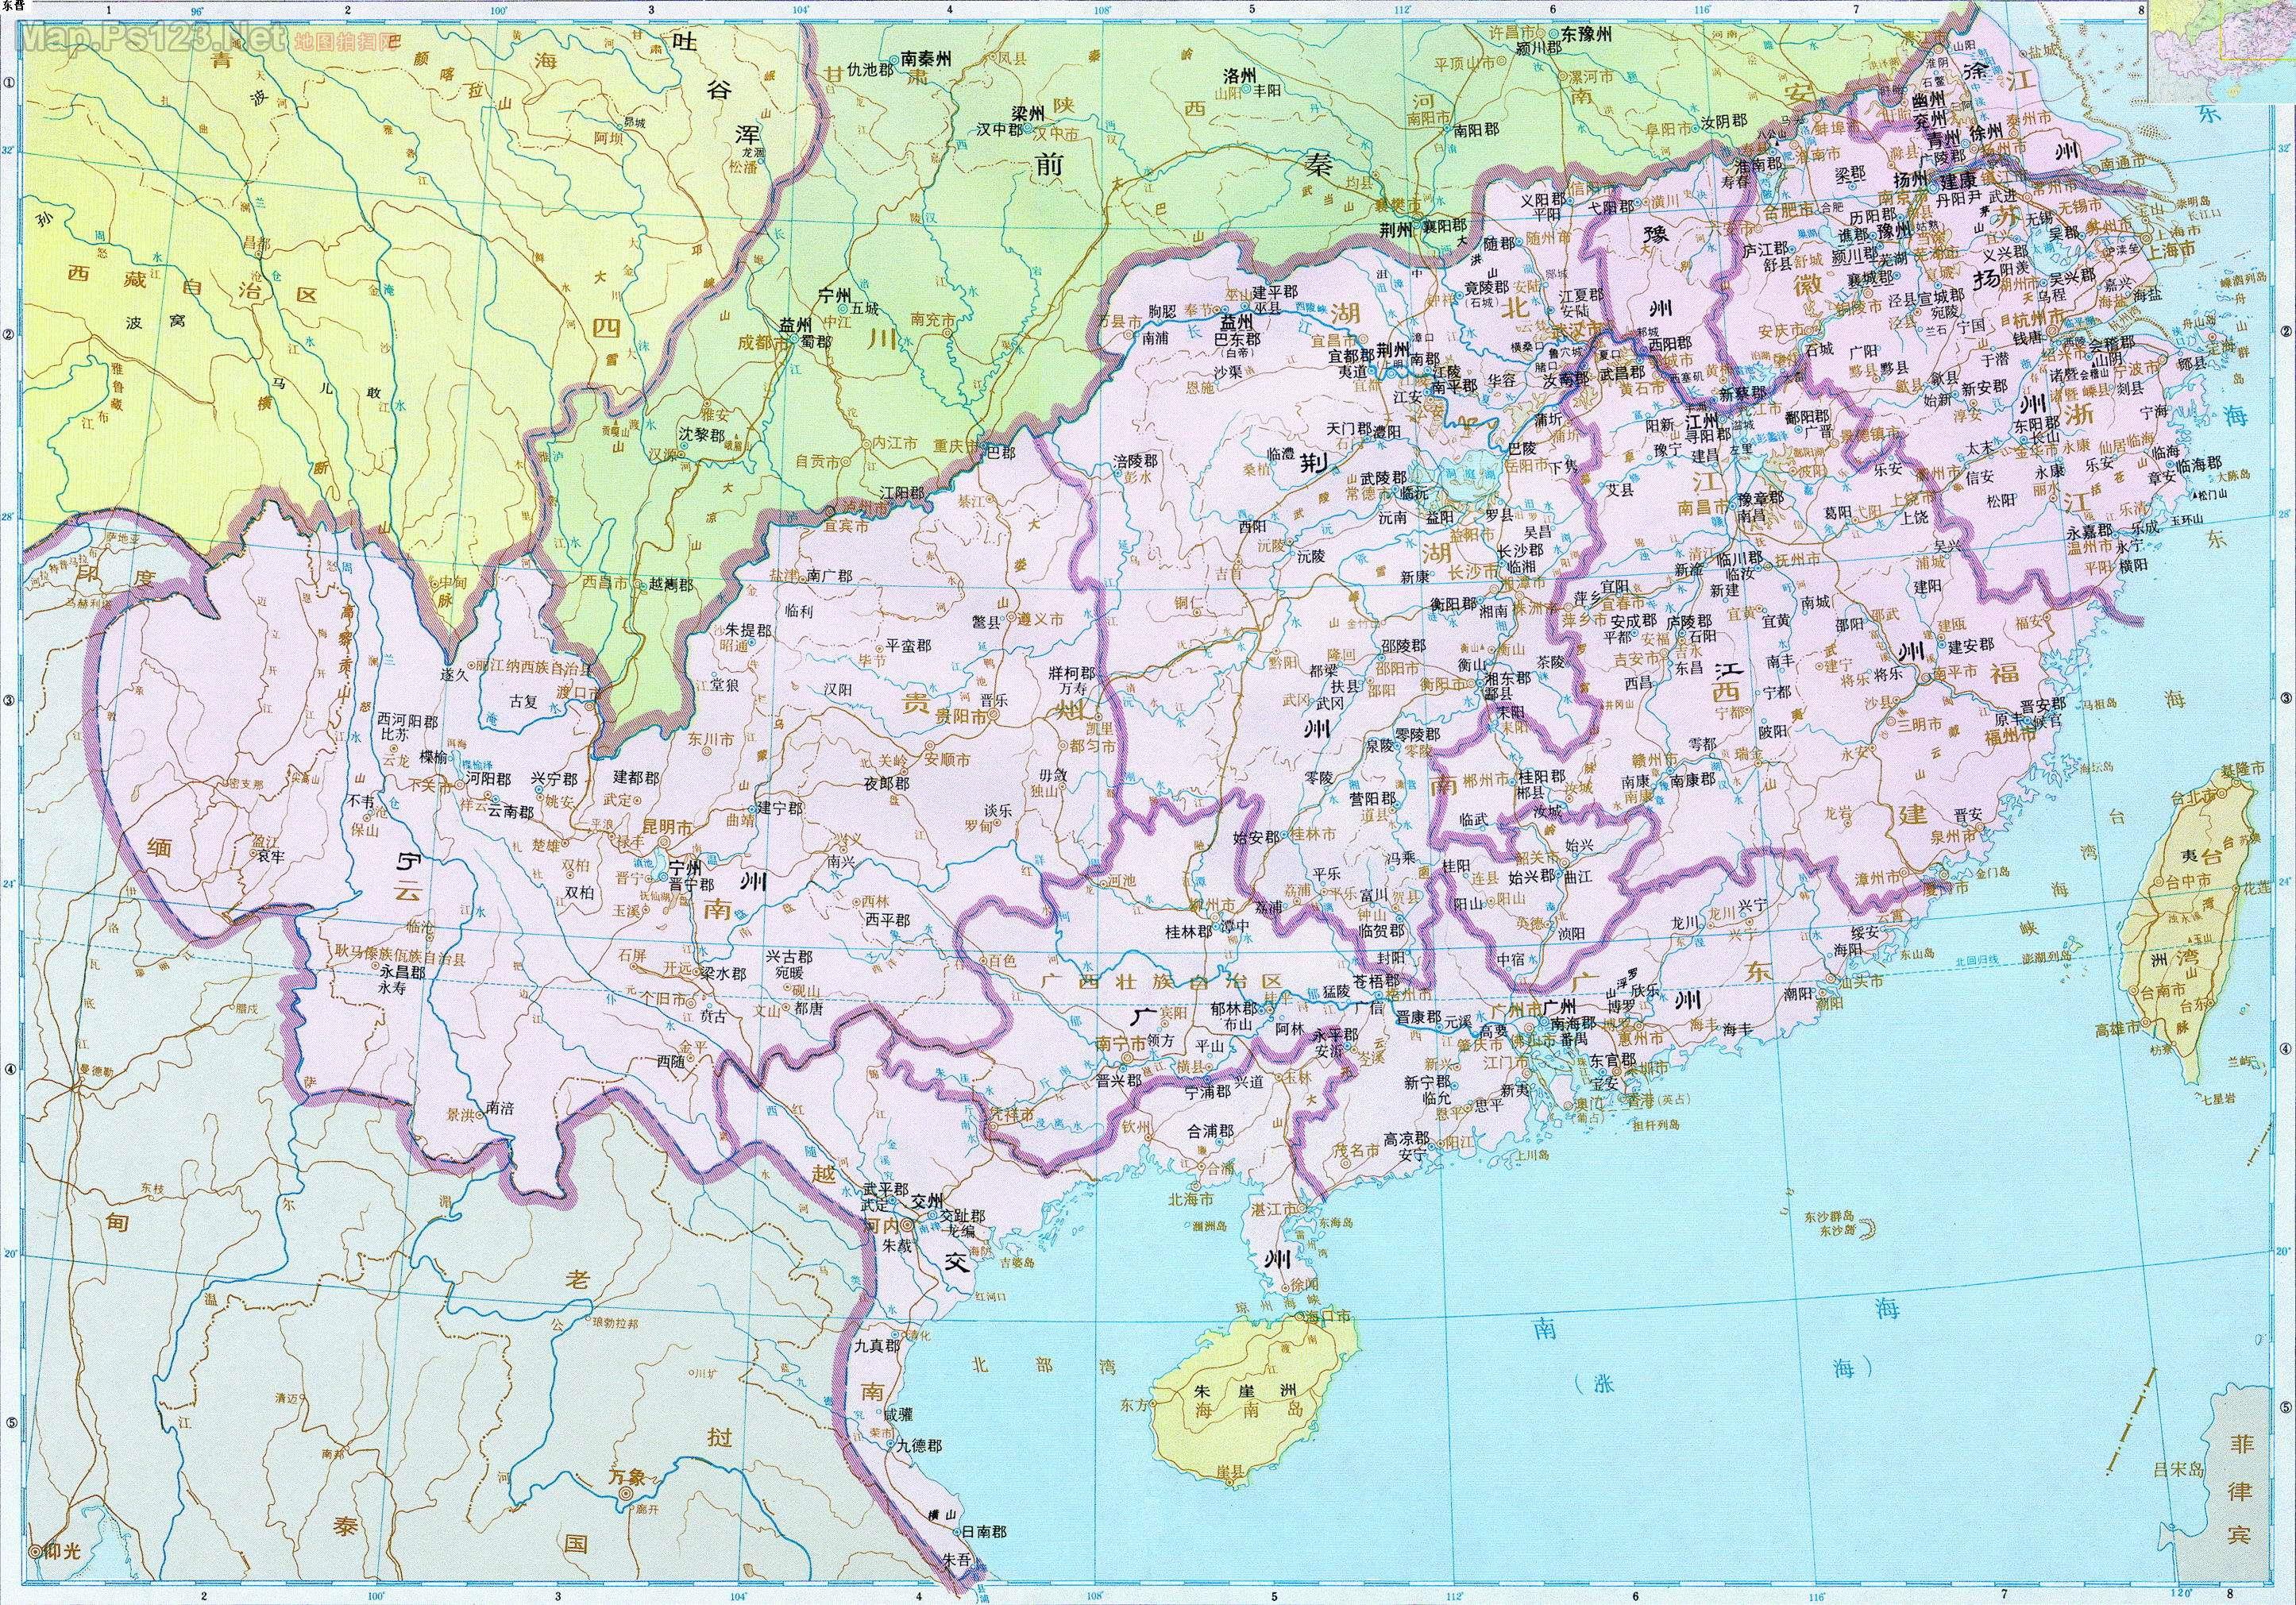 历史地图:东晋图片